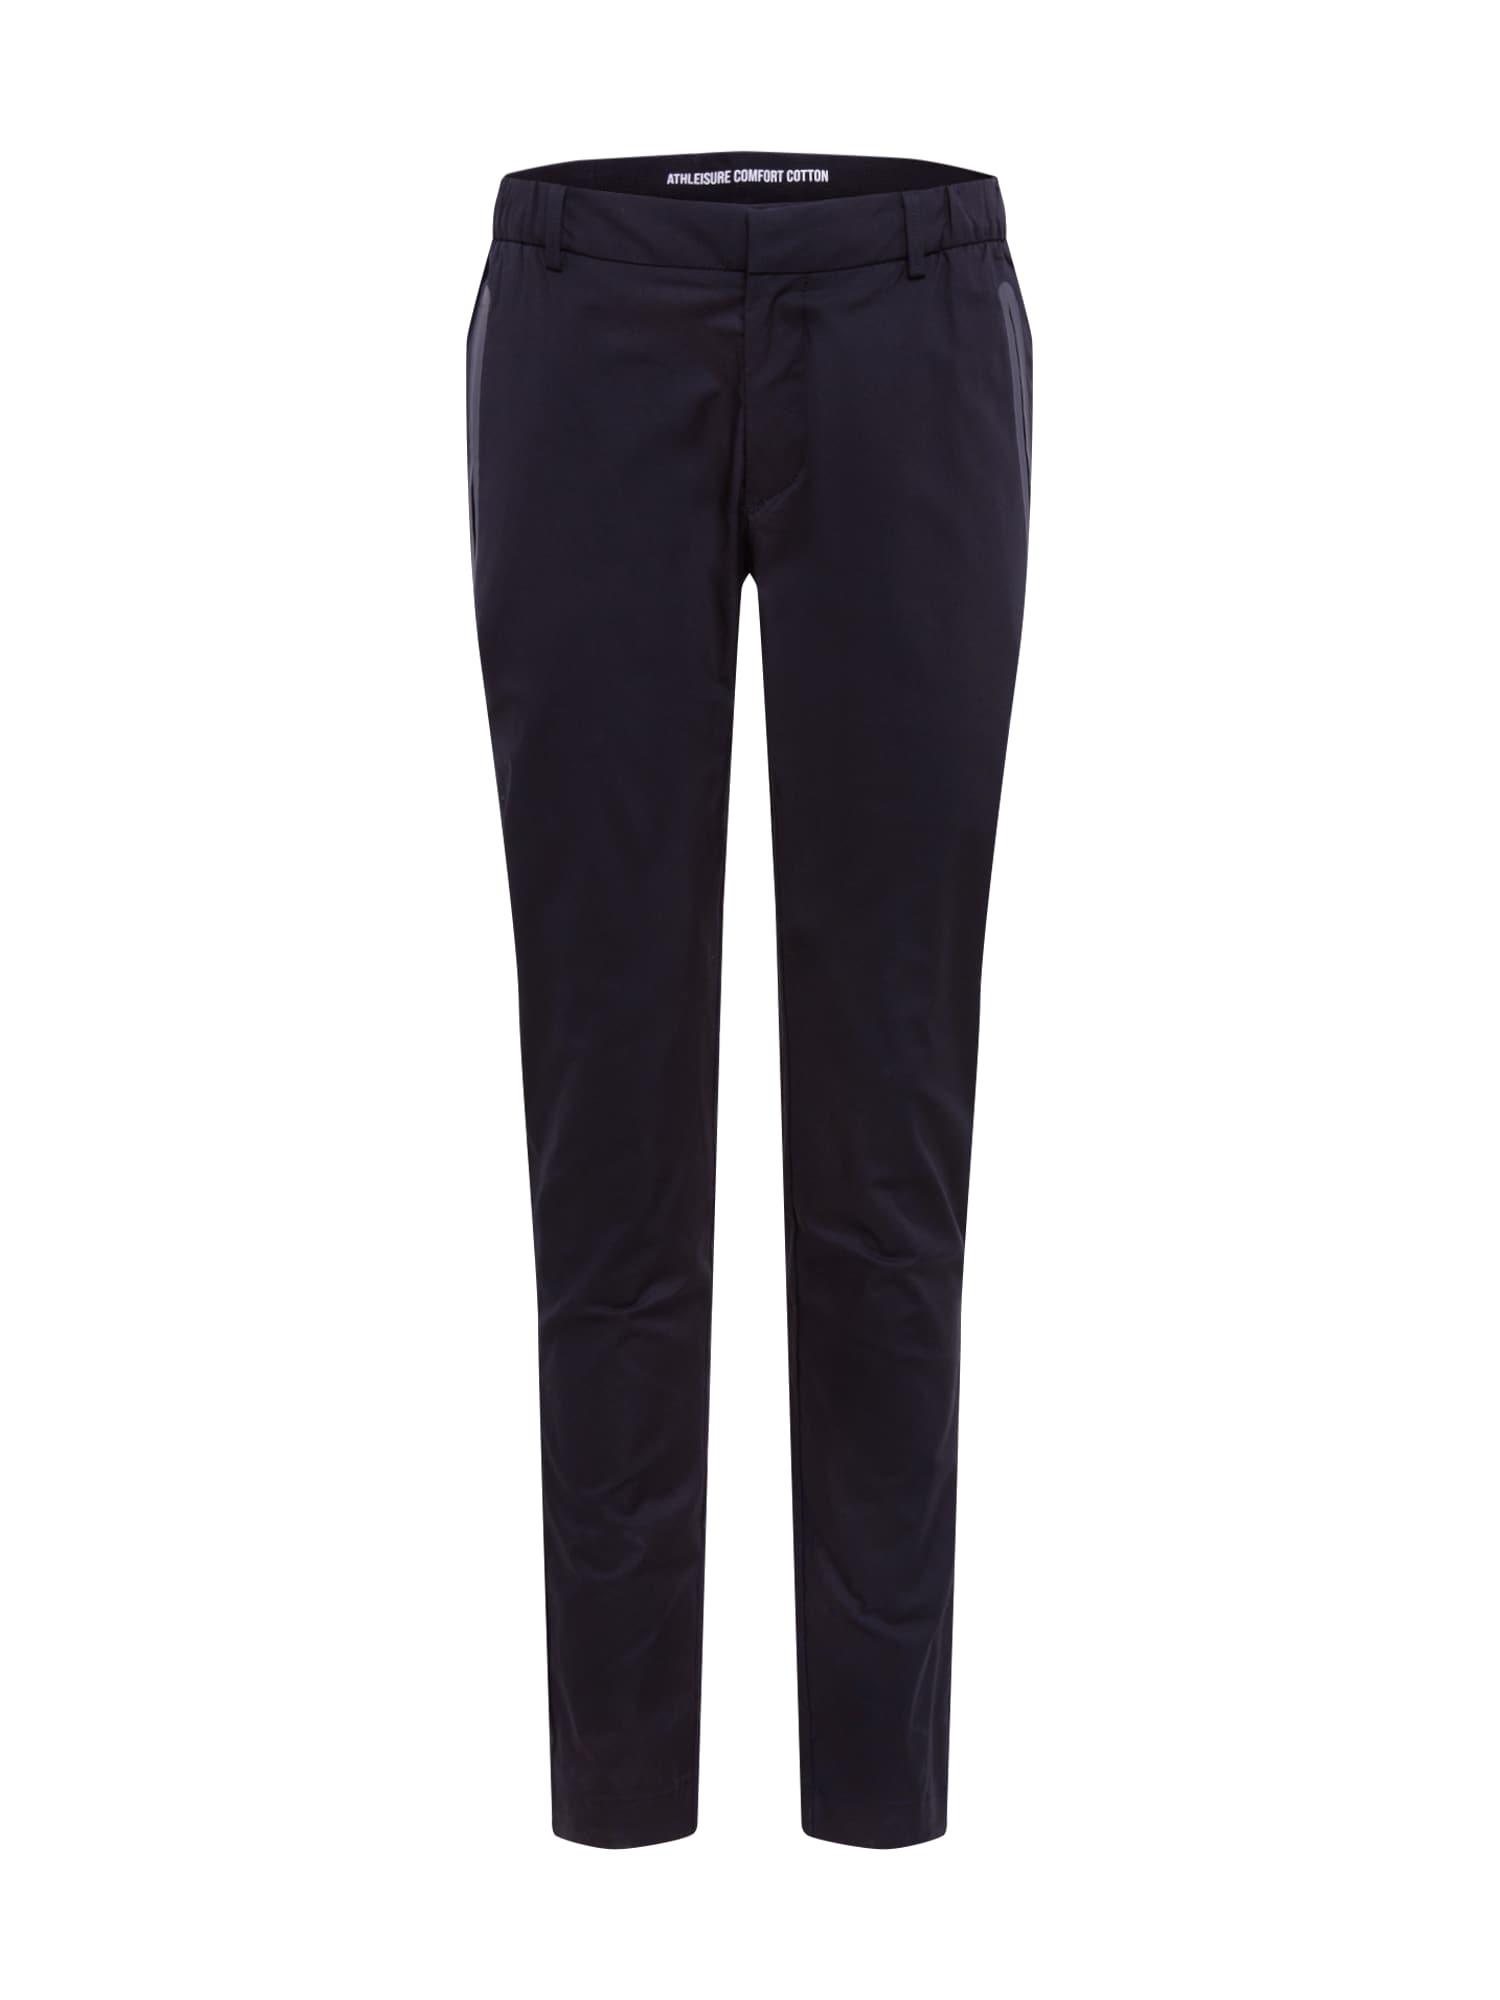 BOSS ATHLEISURE Chino stiliaus kelnės 'Rogan4' tamsiai mėlyna